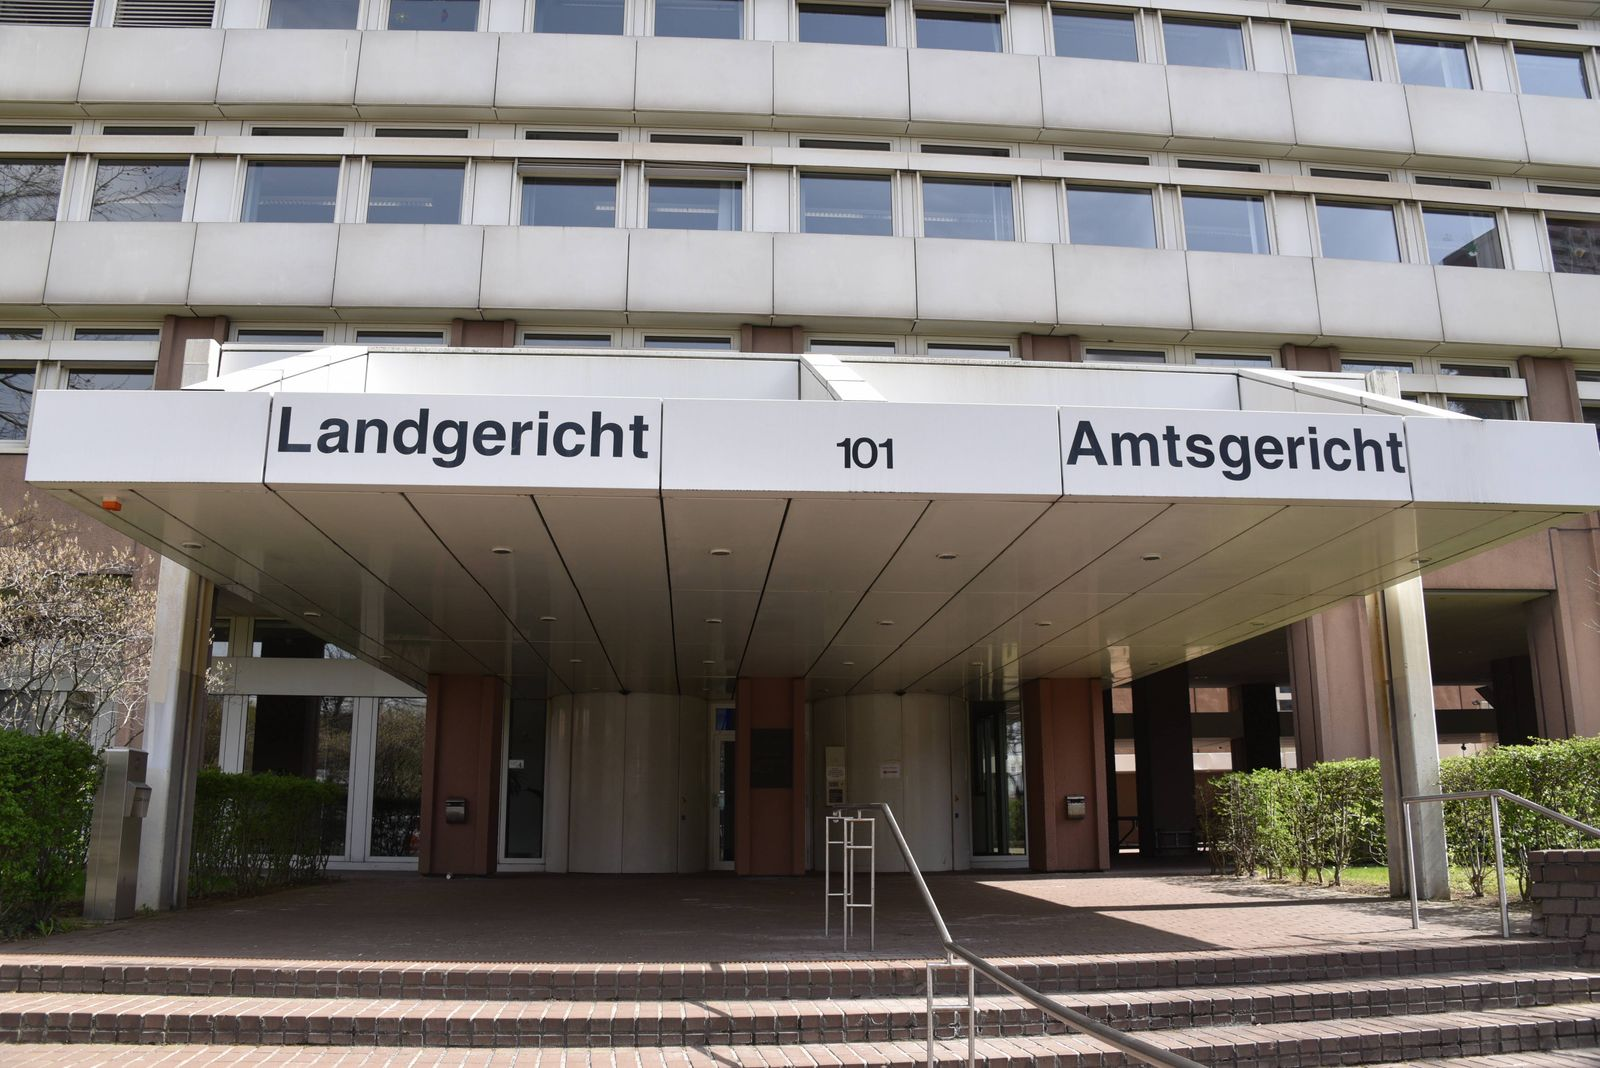 Schild Landgericht und Amtsgericht Köln am Eingang vor dem Gebäude Justizzentrum Luxemburger Strasse